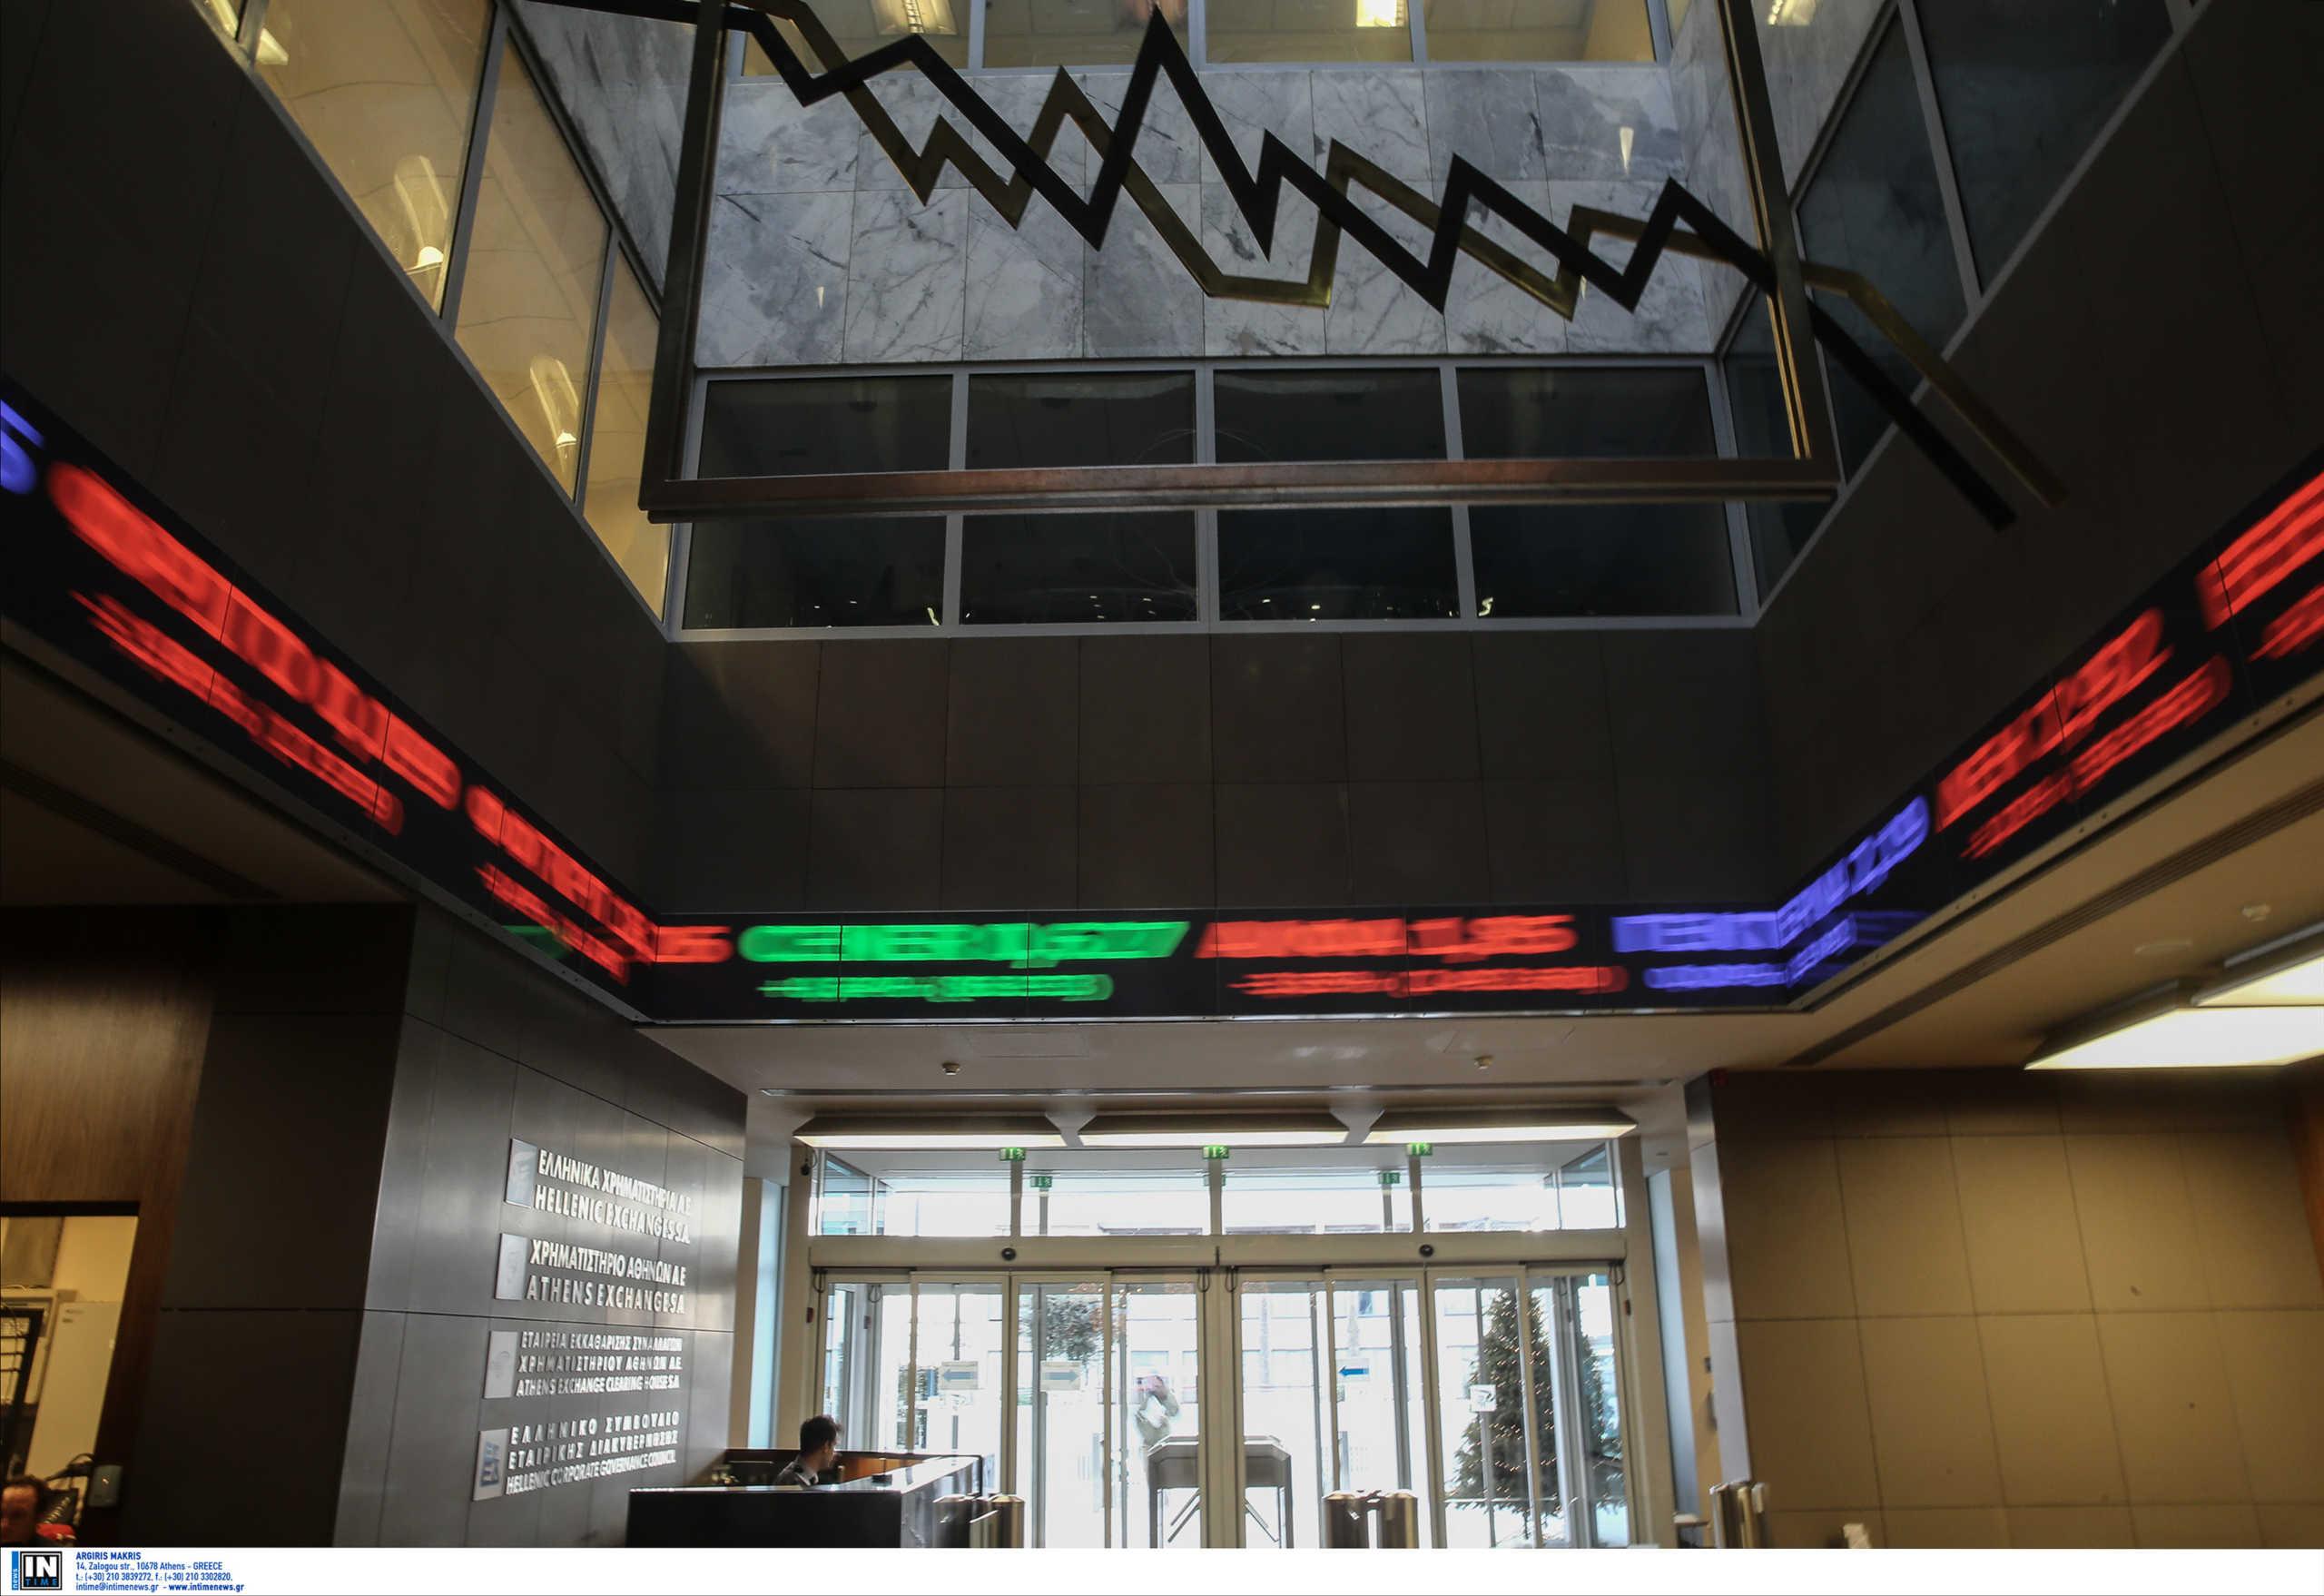 Χρηματιστήριο: Άνοδος 1,38% , στα 48,20 εκατ. ευρώ ο τζίρος